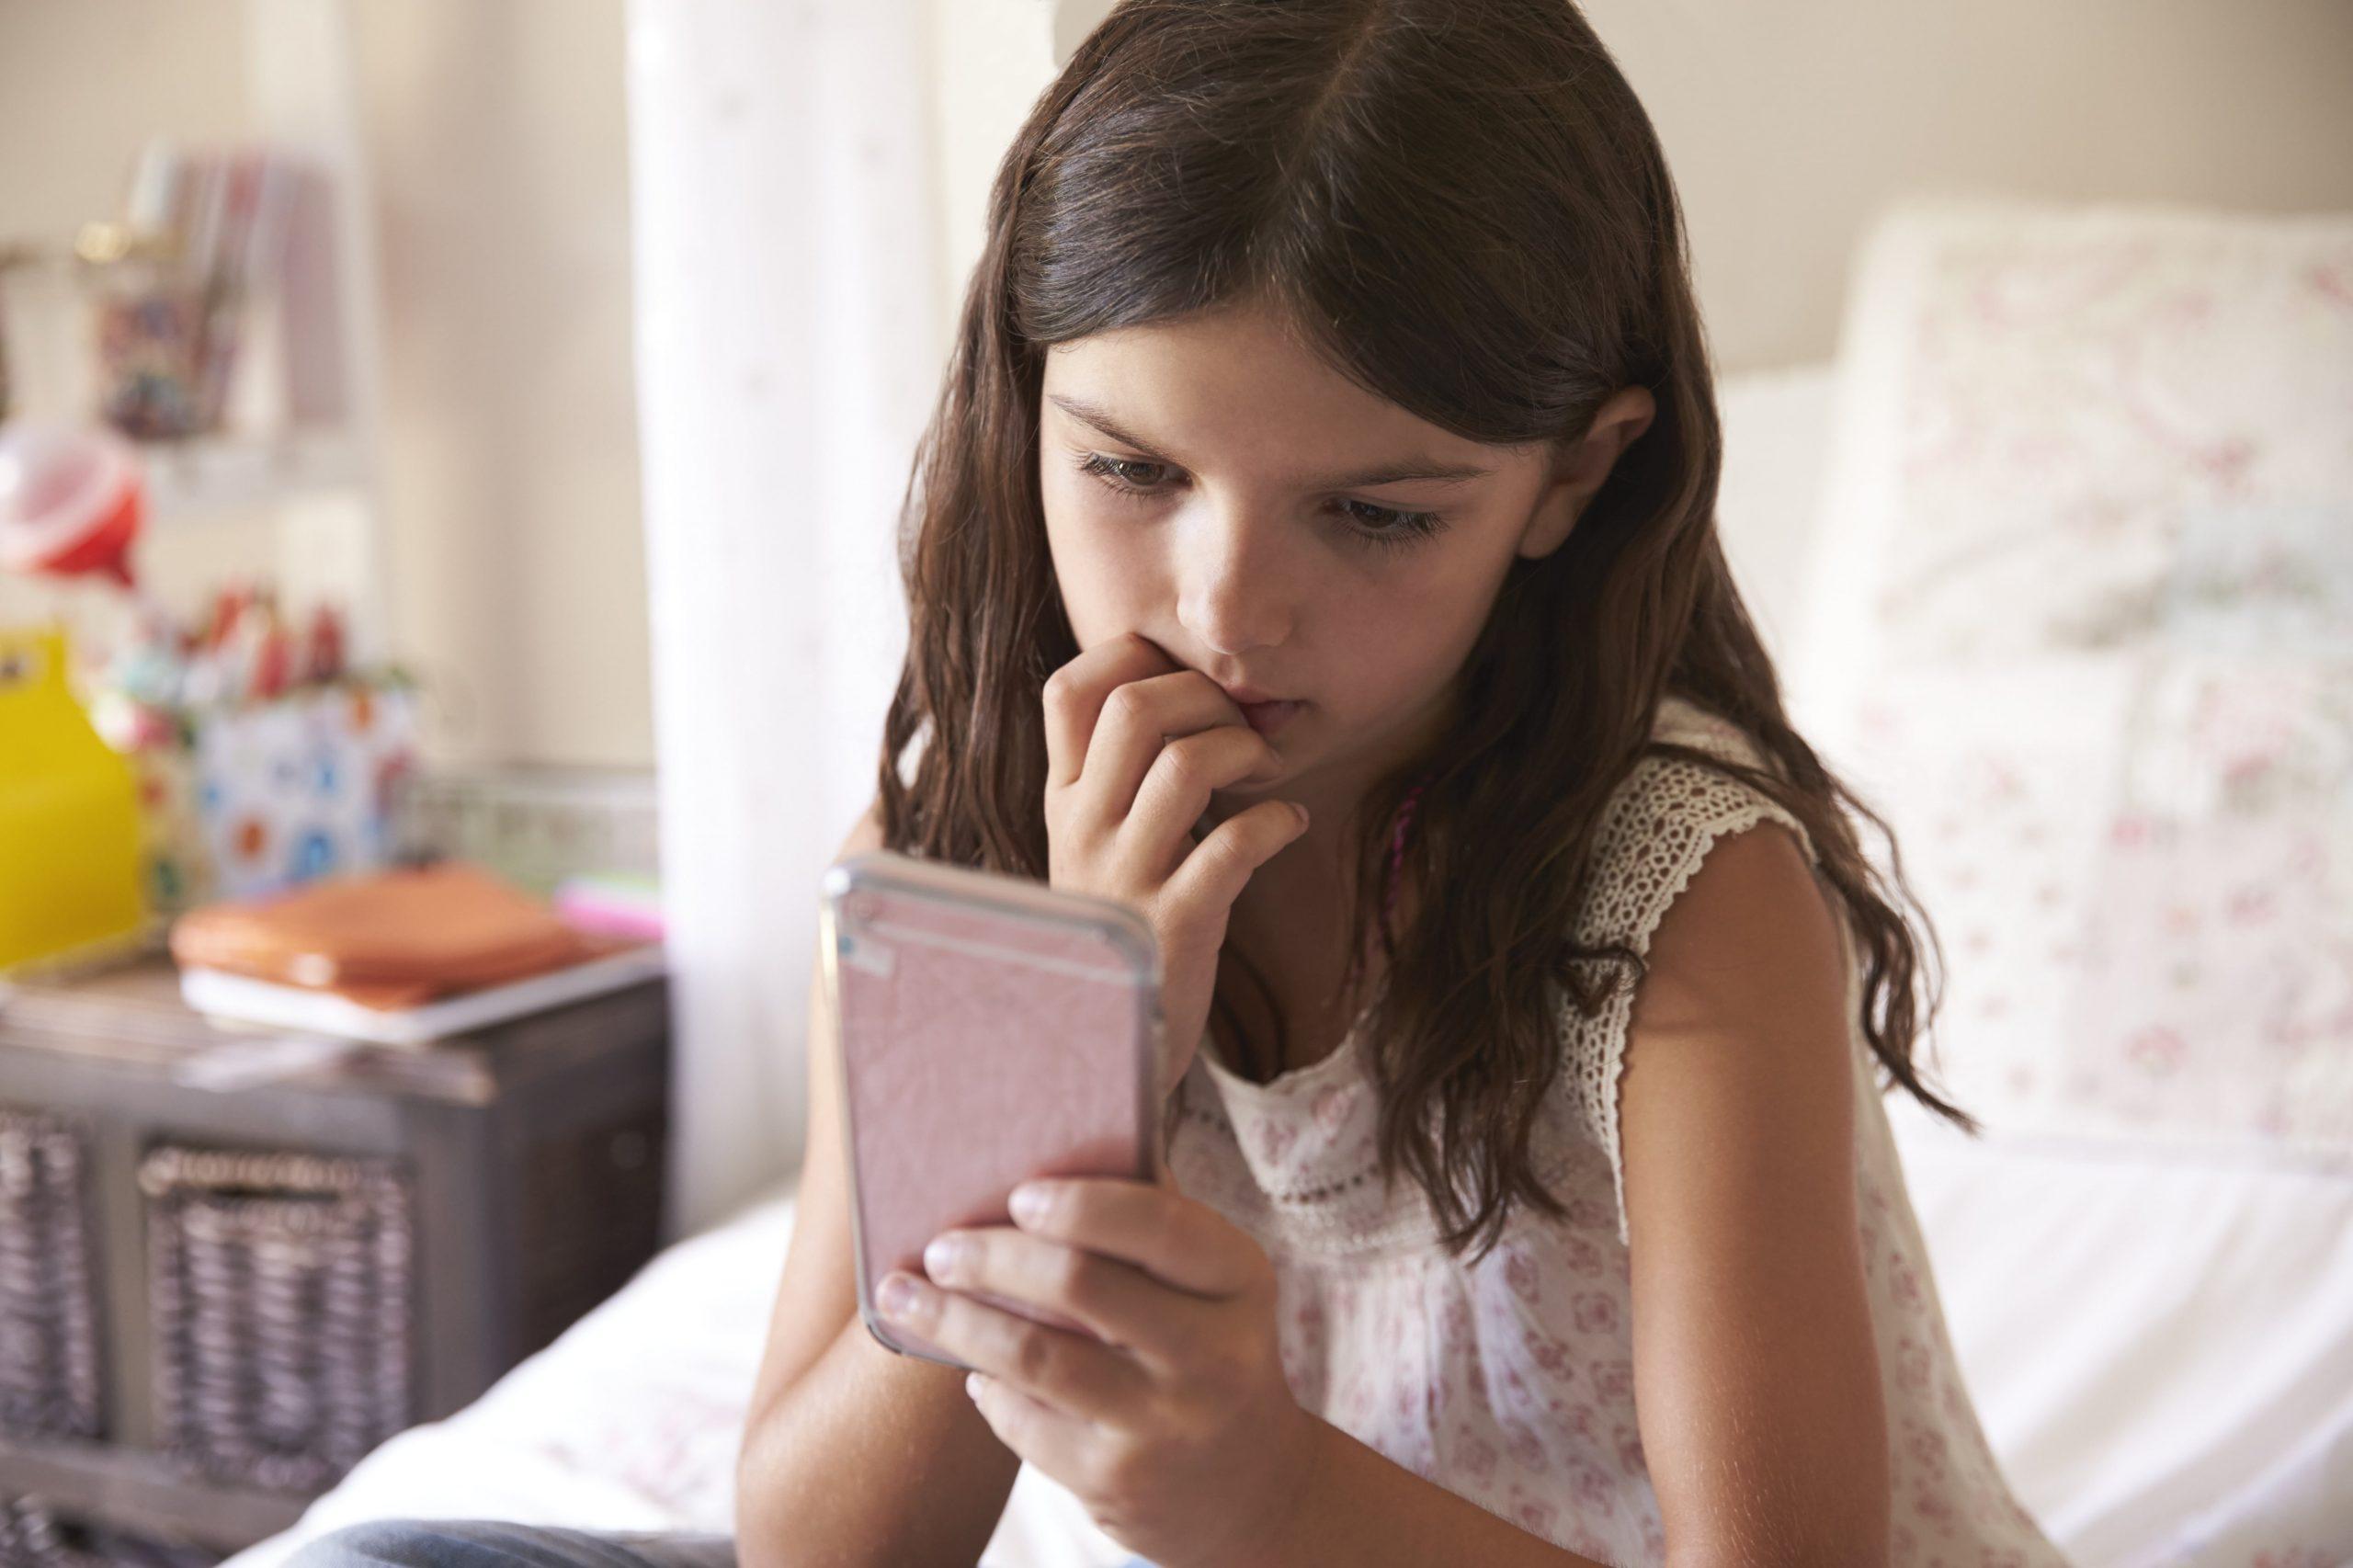 El Grooming y el Acoso Sexual a los niños en las redes sociales a través de internet-PosdataMx